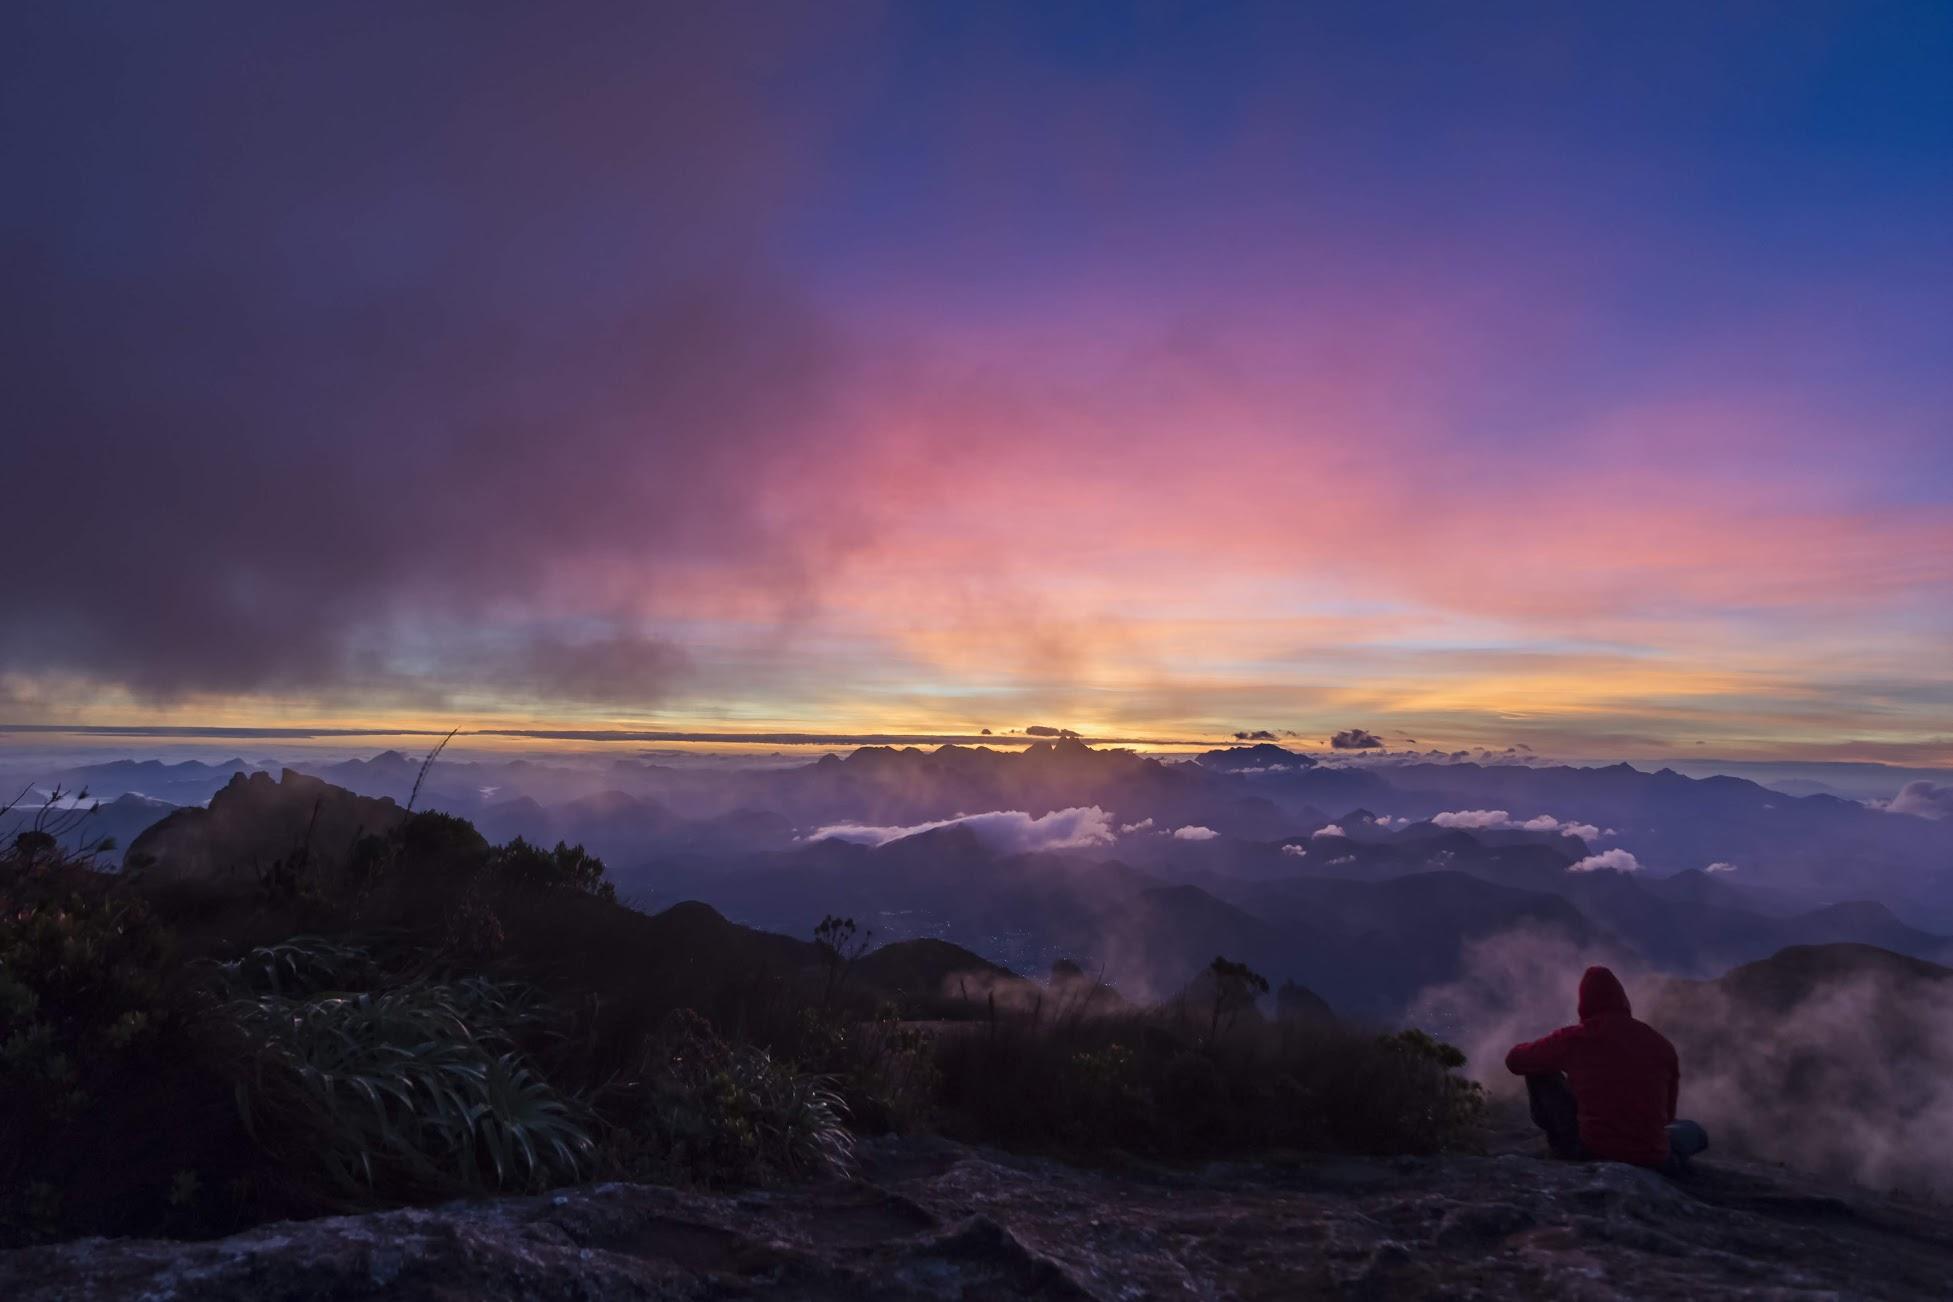 wp-content/uploads/itineraries/Brazil/Serra-dos-orgaos-2.jpg